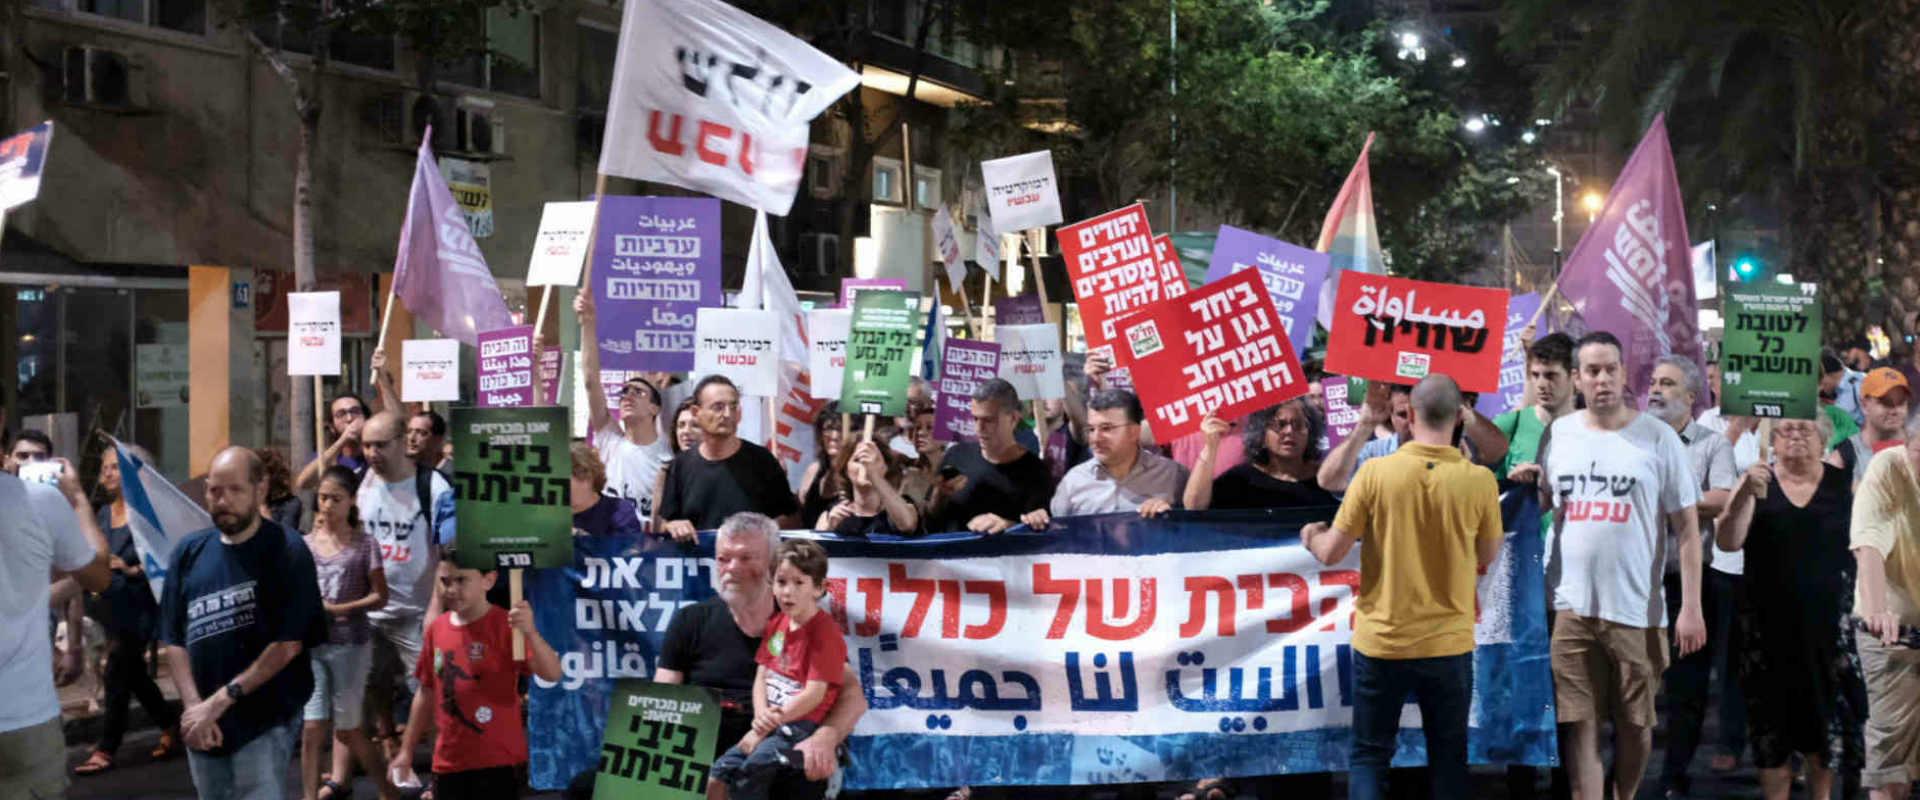 מחאה נגד חוק הלאום